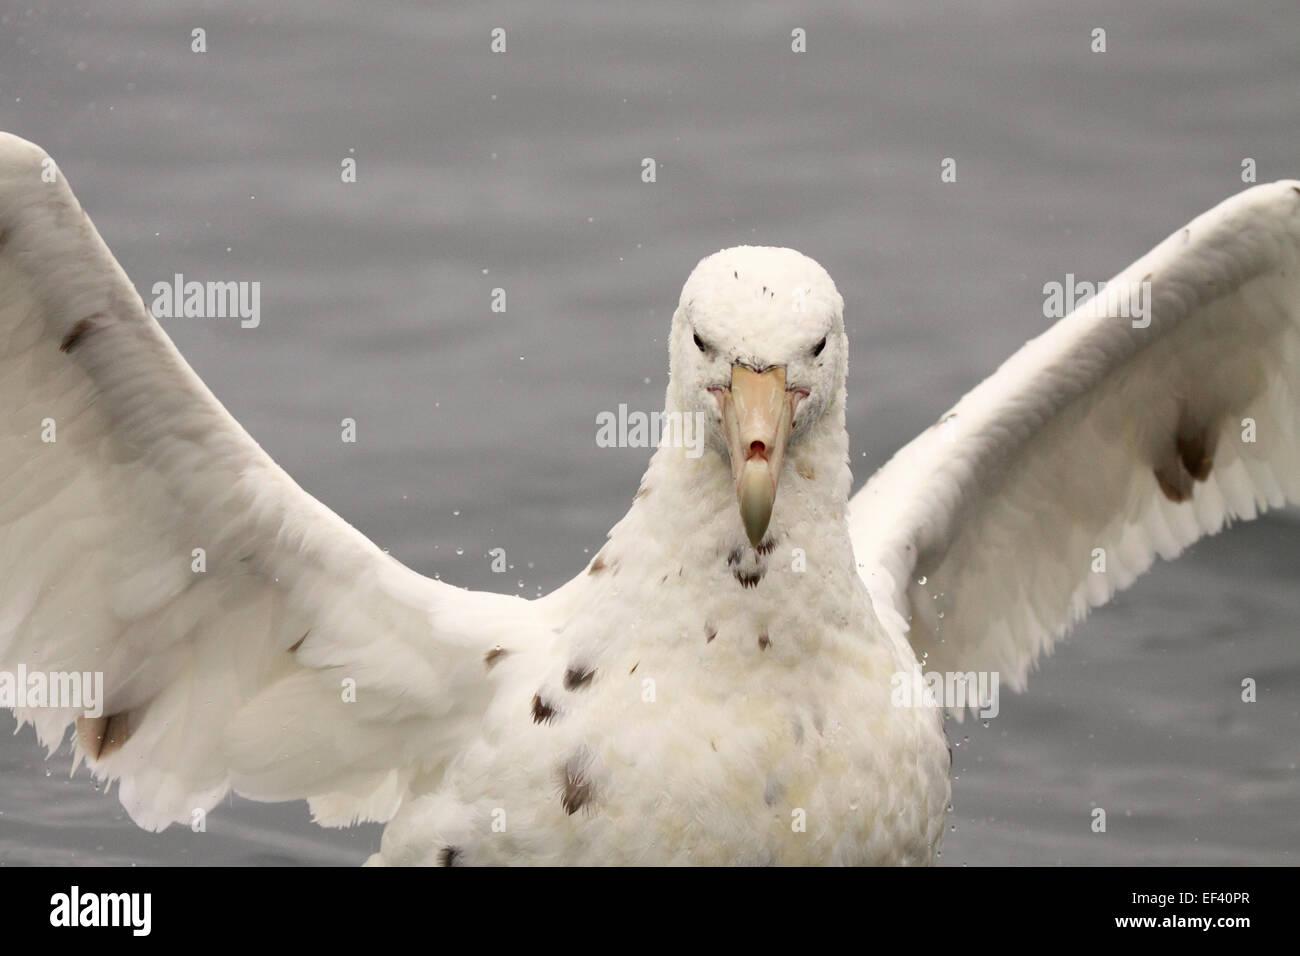 Le pétrel géant soulevant d'ailes d'une menace. Photo Stock